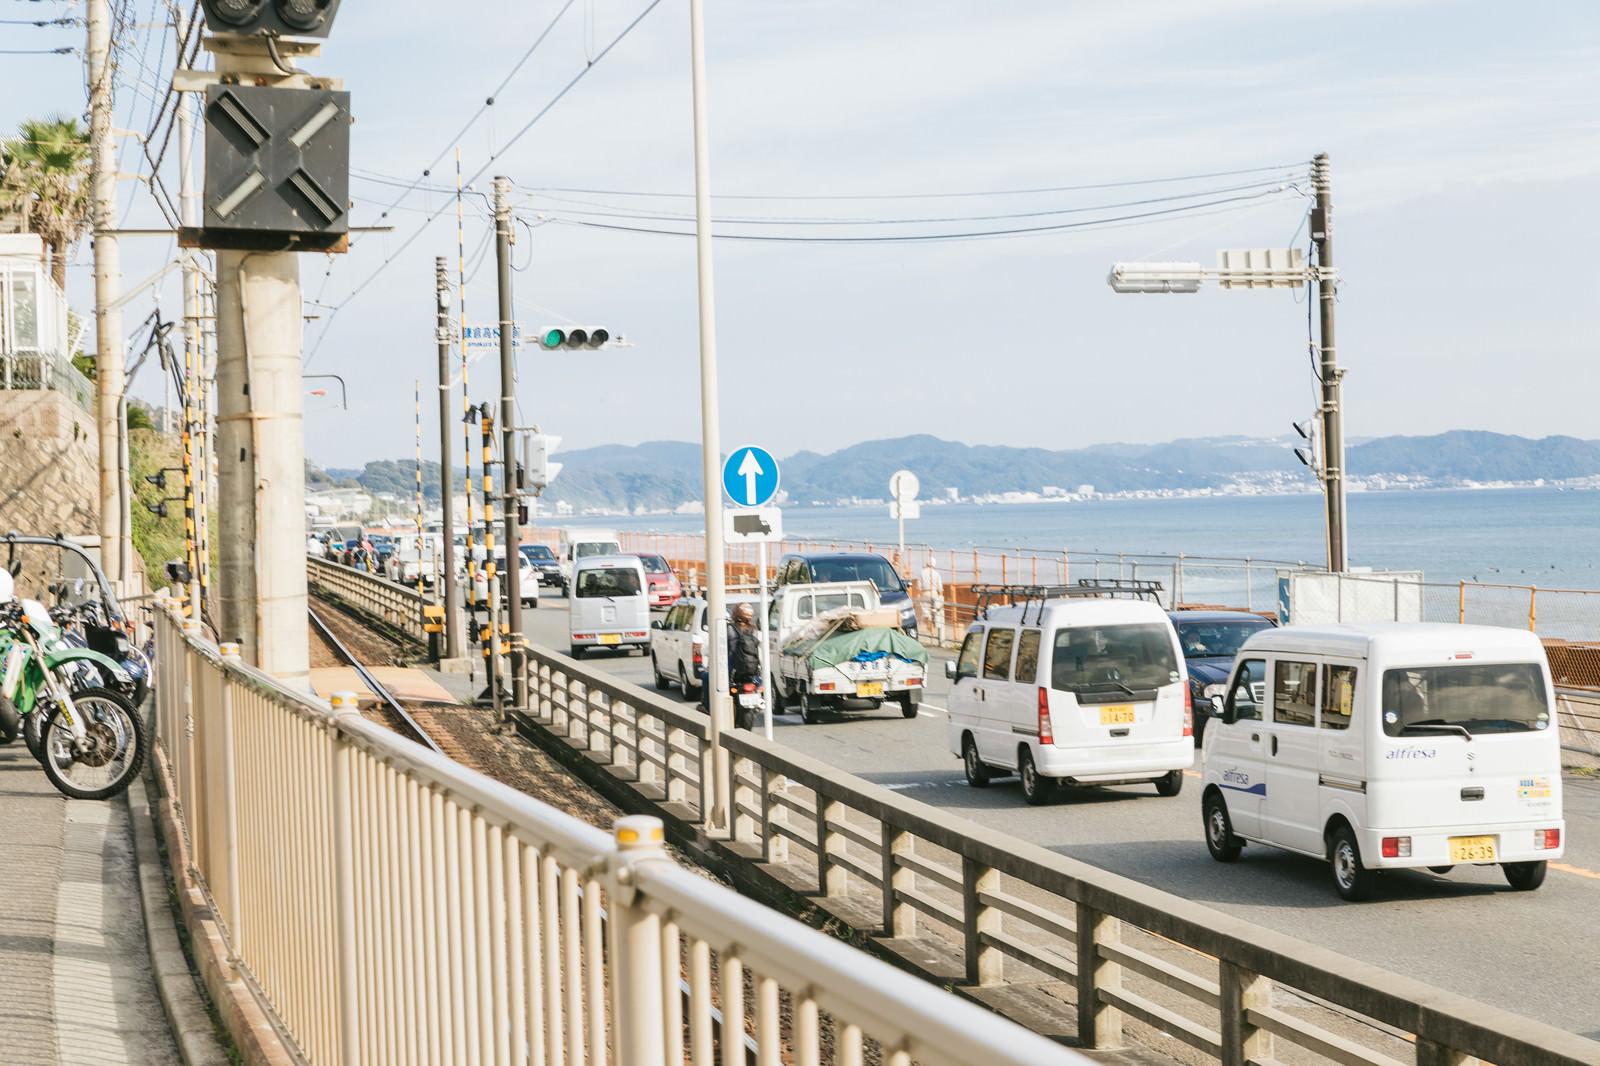 「渋滞する海岸沿いの道路     渋滞する海岸沿いの道路     」のフリー写真素材を拡大